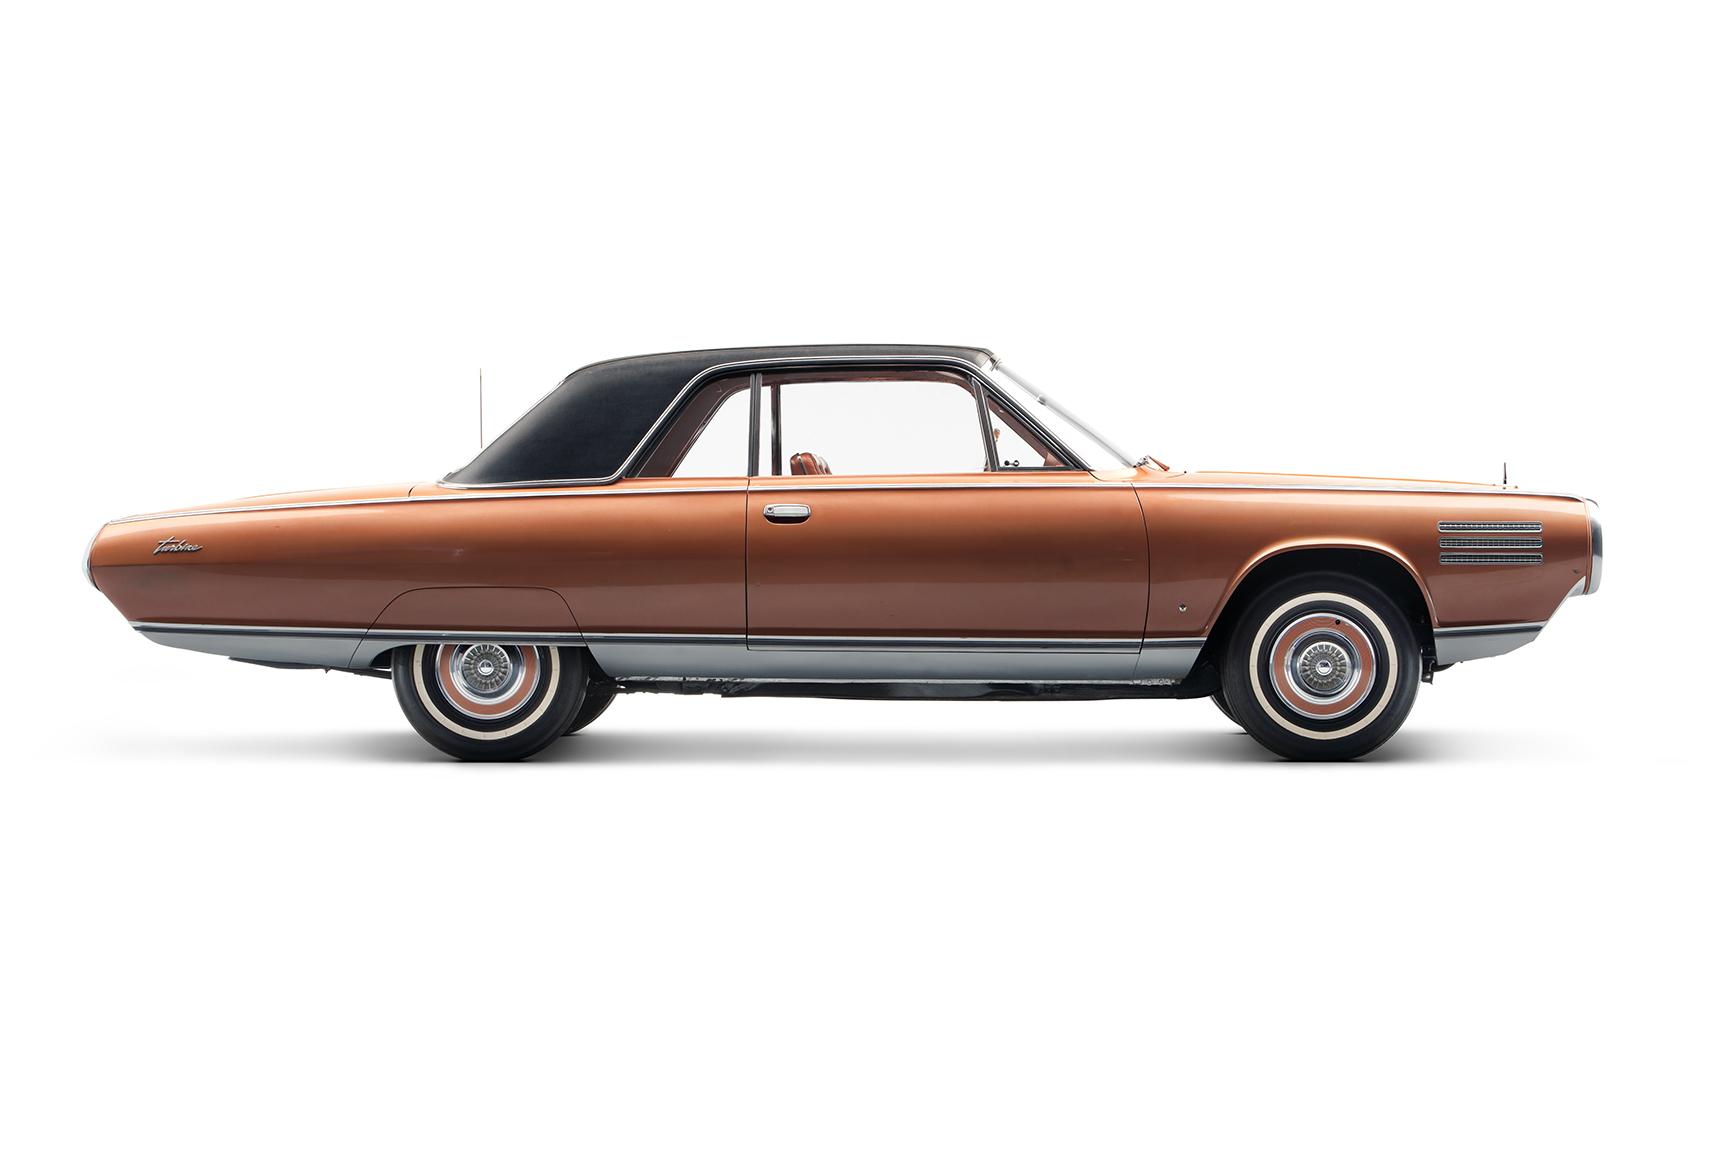 1964 Chrysler Turbine profile